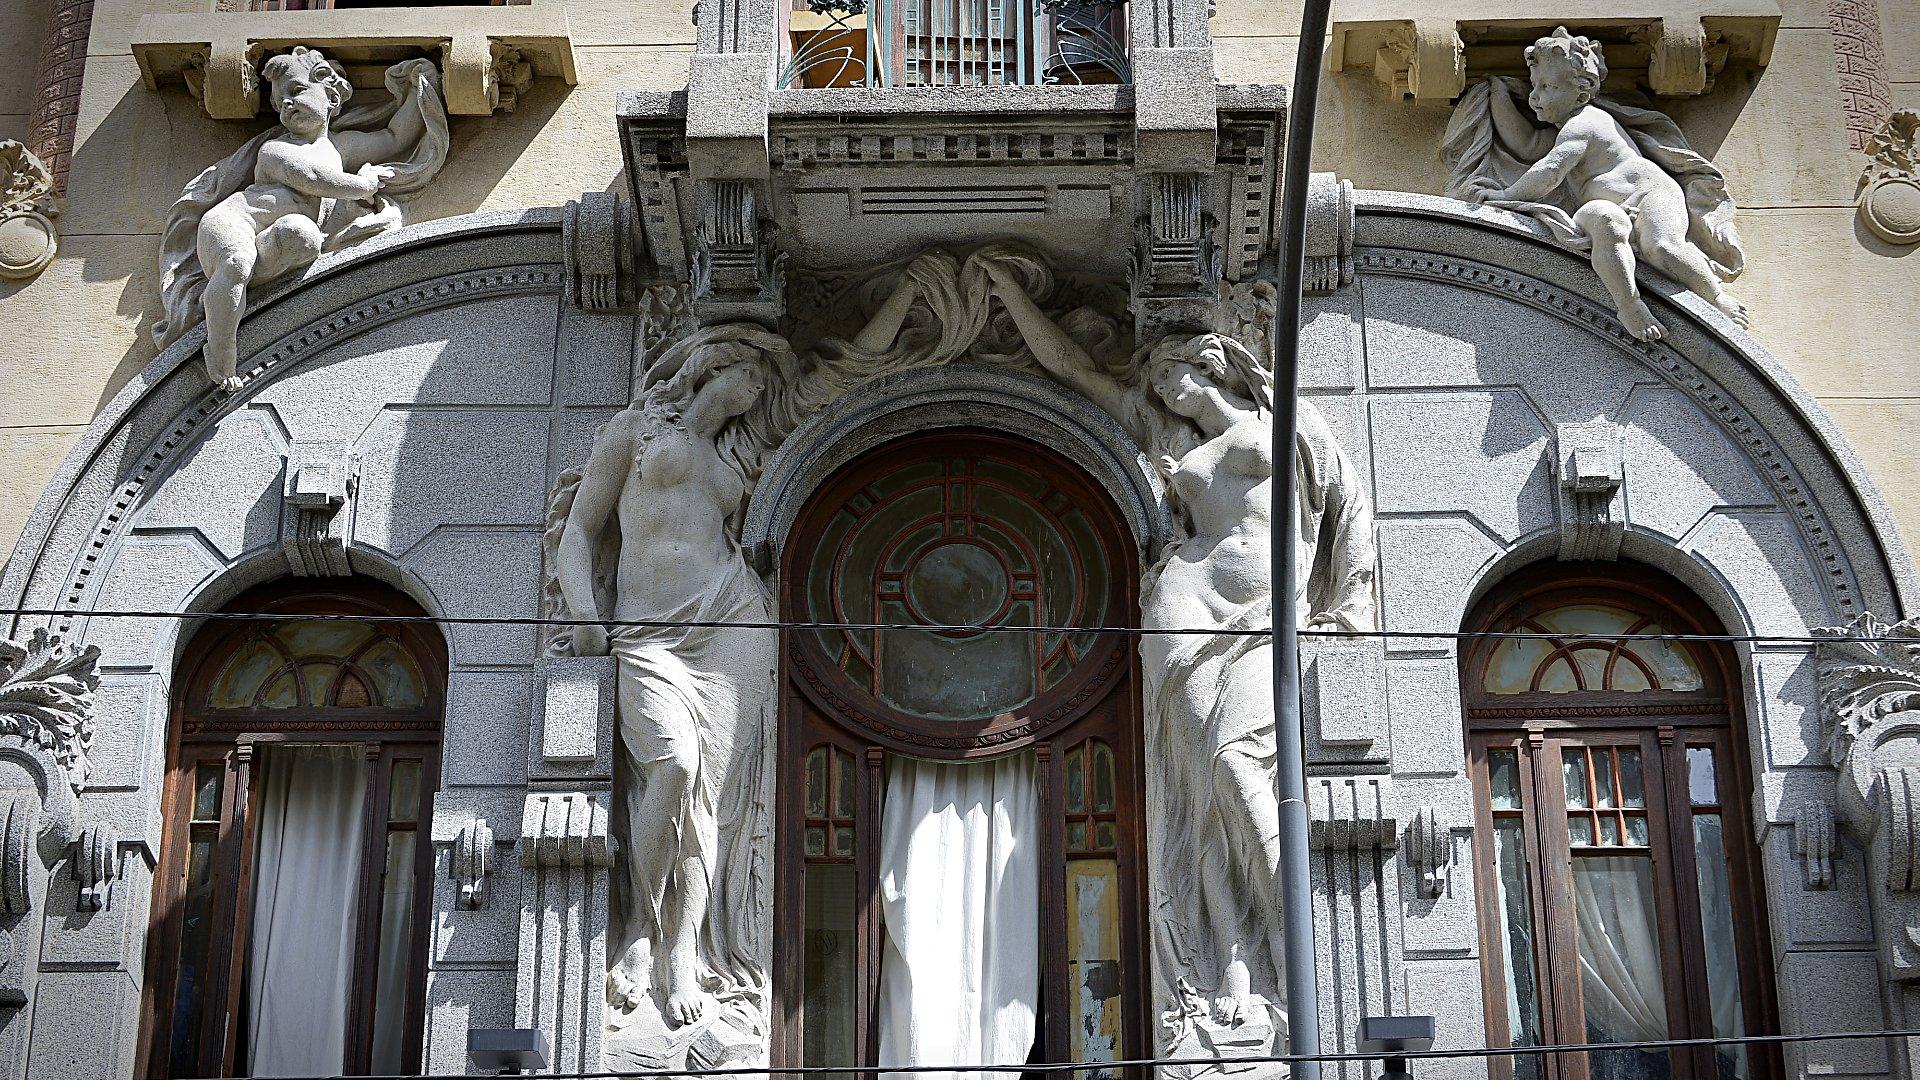 Adornada por estatuas de Ercole Pasina, fue puesta en valor gracias a sus propios vecinos en conjunto con diversos asesores y profesionales que integran el Equipo Calise